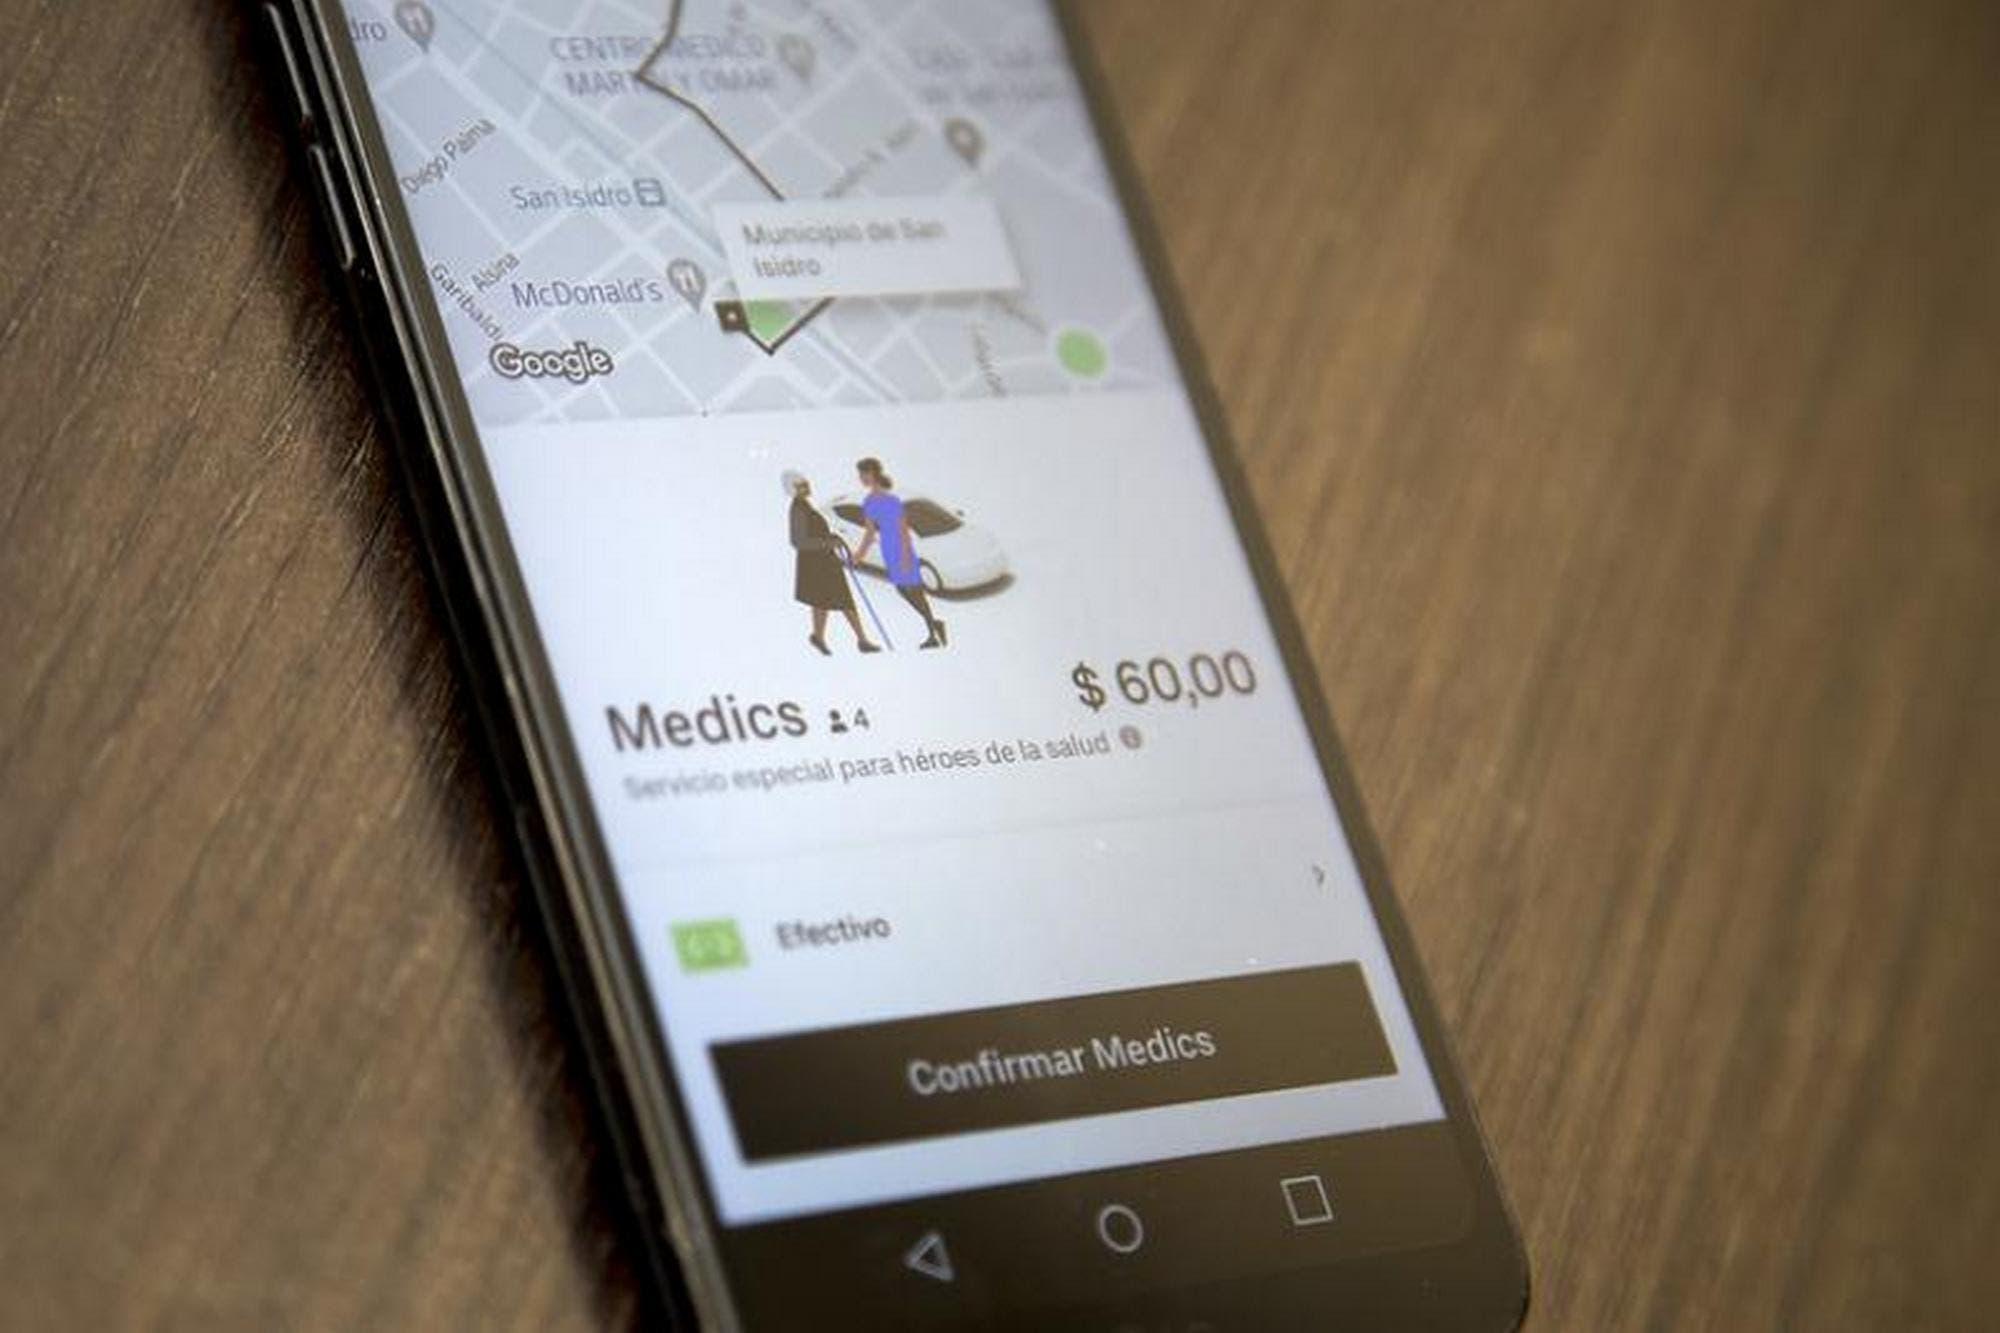 Uber ofrece viajes gratis para el traslado del personal de salud de San Isidro a los hospitales